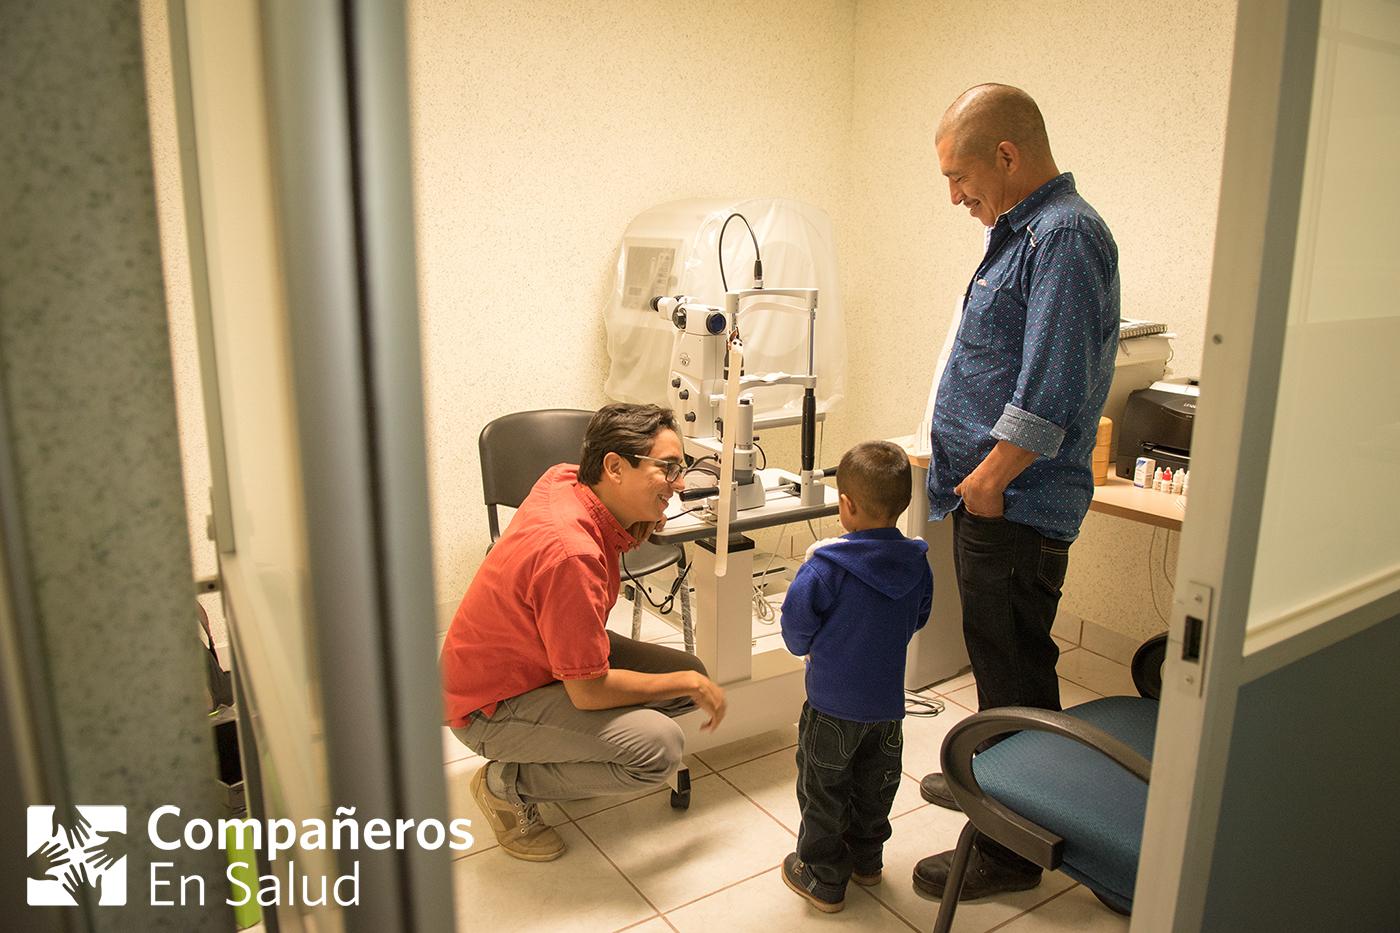 El Dr. Francisco Rodríguez muestra a Ernesto y su padre, Don Oscar, a la sala donde Ernesto recibiría tratamientos con láser como atención de seguimiento después de dos cirugías de cataratas exitosas.